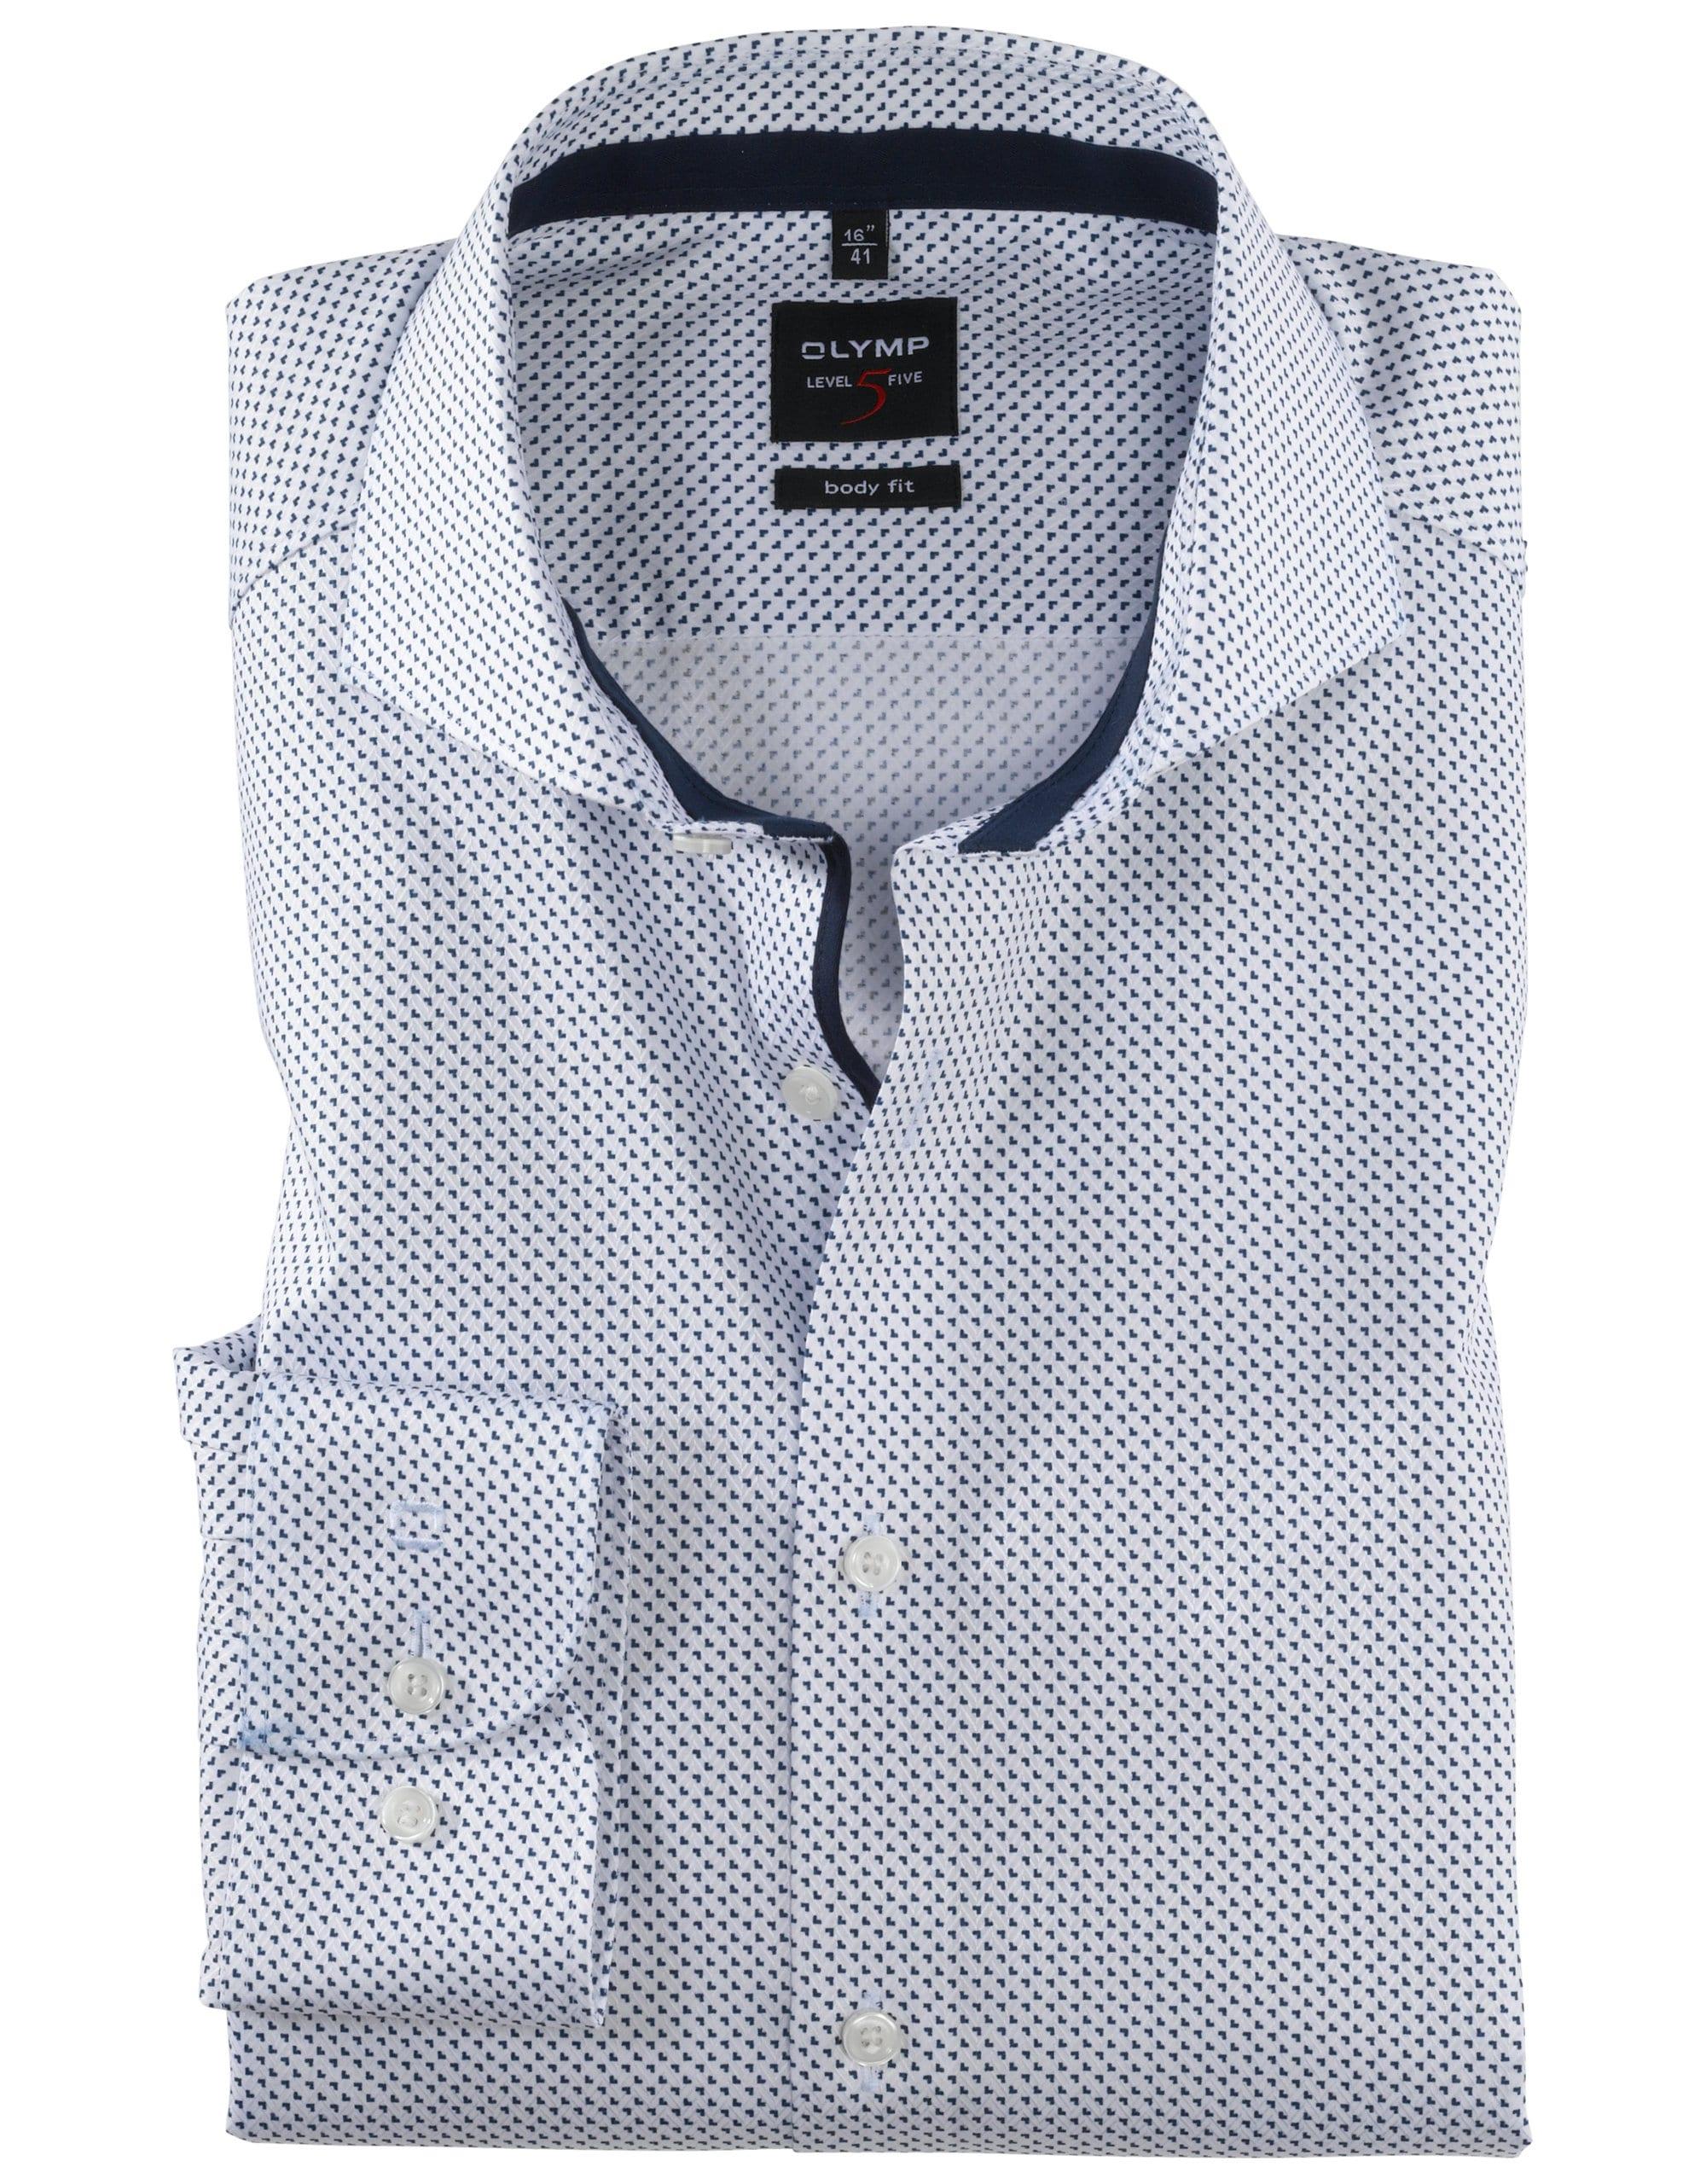 9ccf9ac422 OLYMP Level5 Body Fit Kék Mintás Ing - Elite Fashion Öltönyház